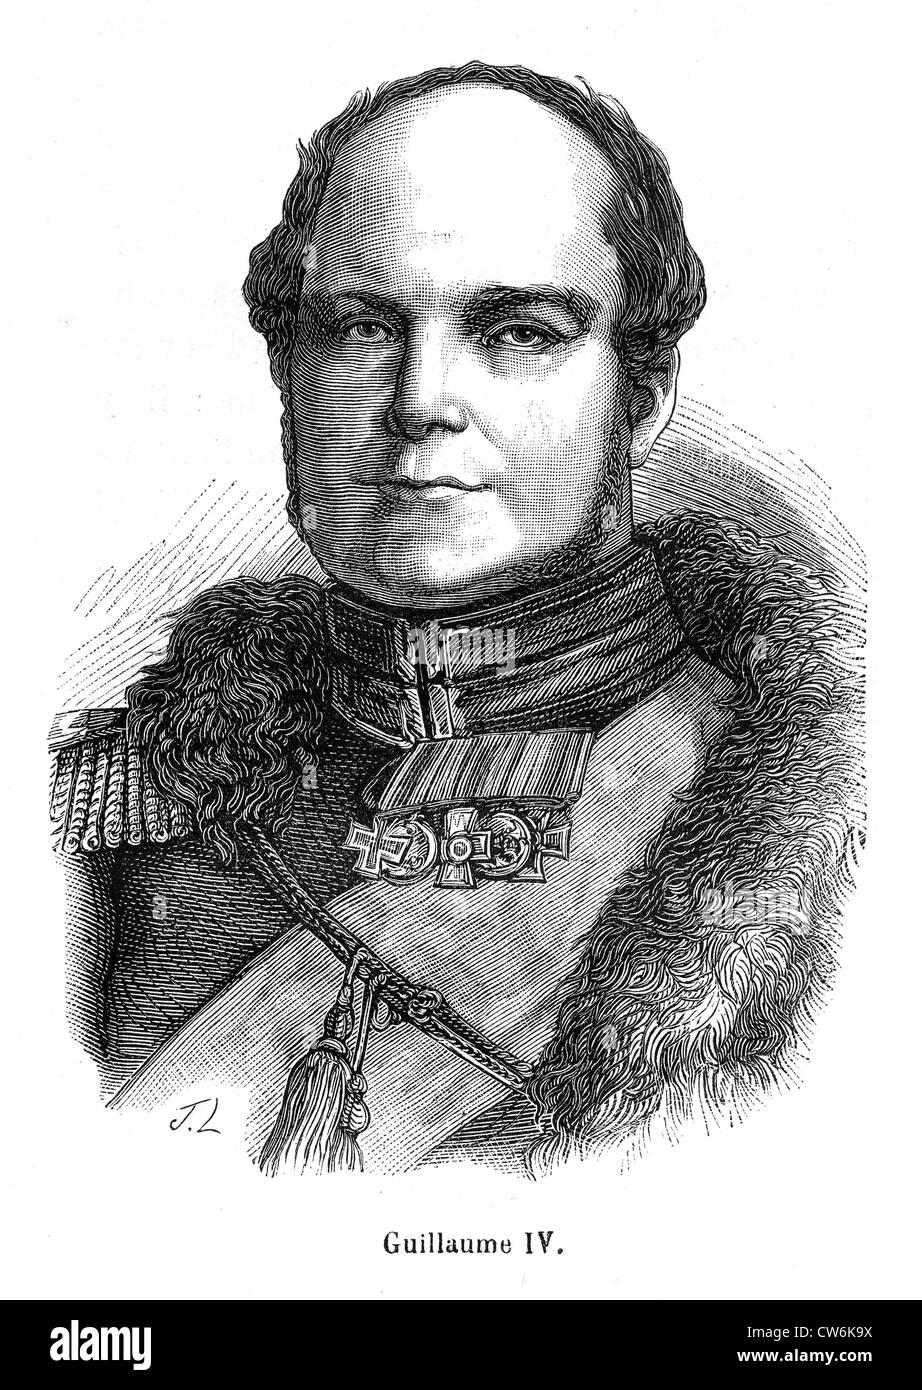 William IV - Stock Image